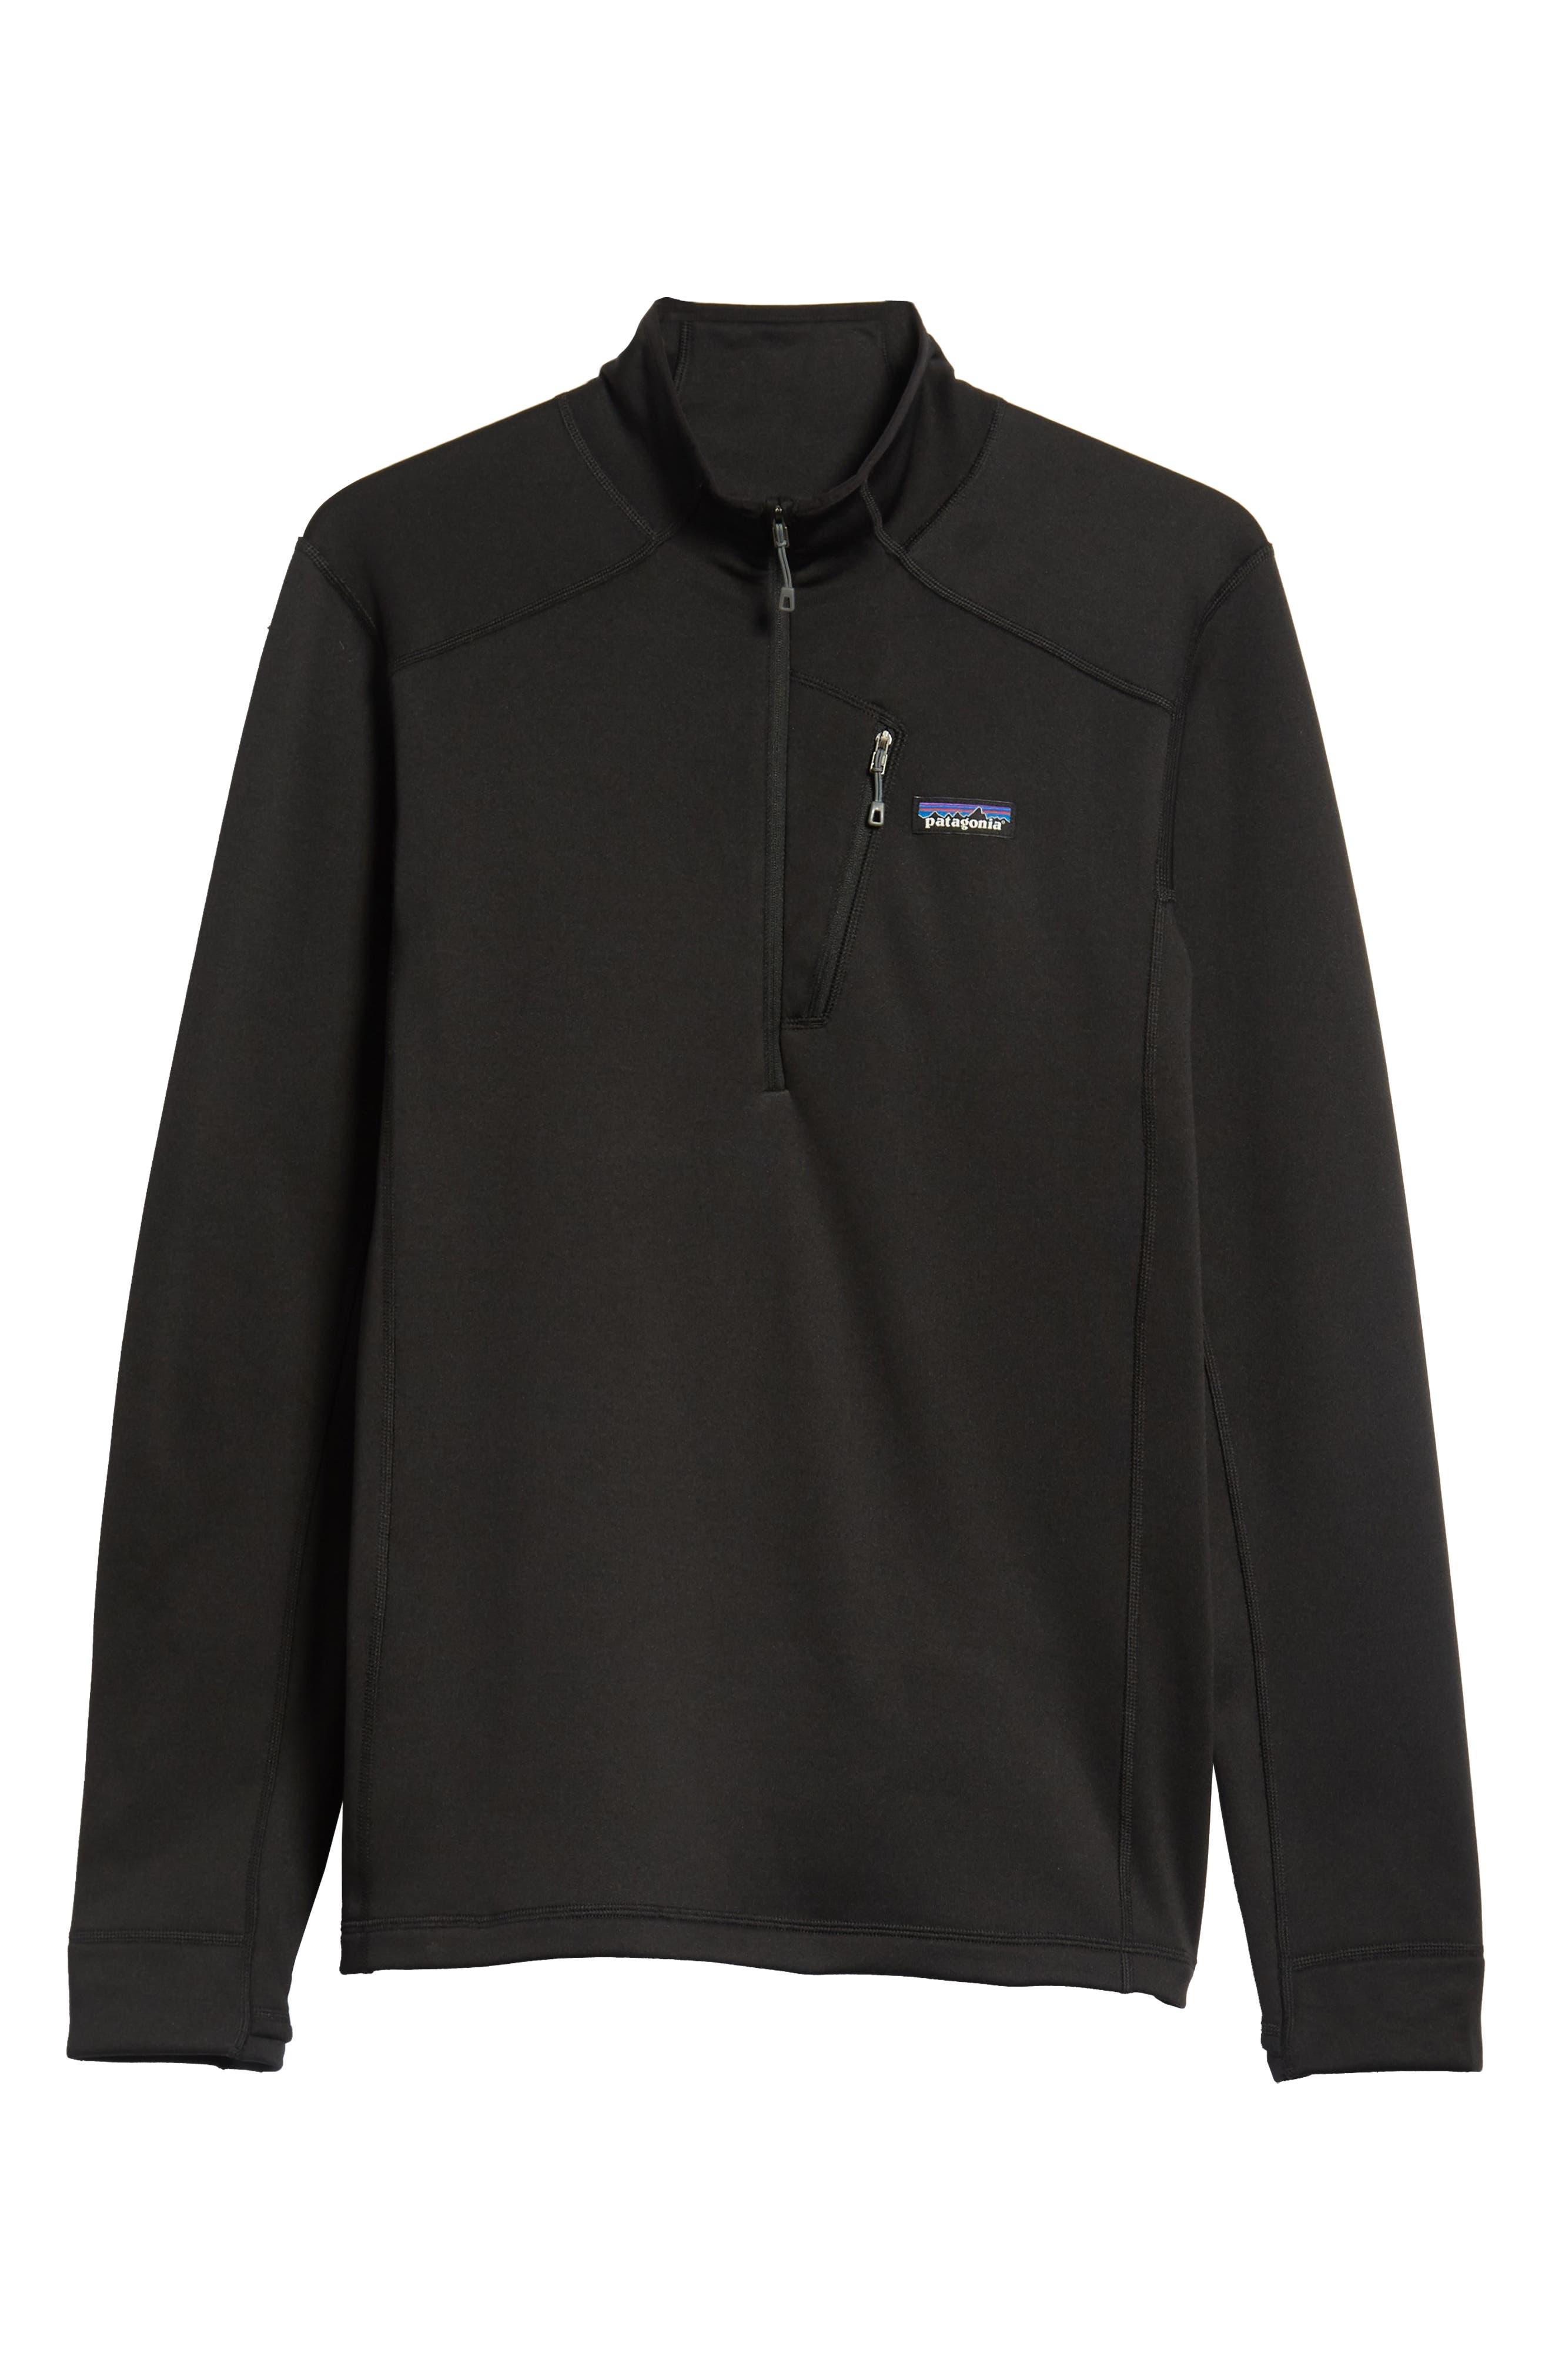 Crosstrek Quarter Zip Fleece Pullover,                             Alternate thumbnail 6, color,                             001